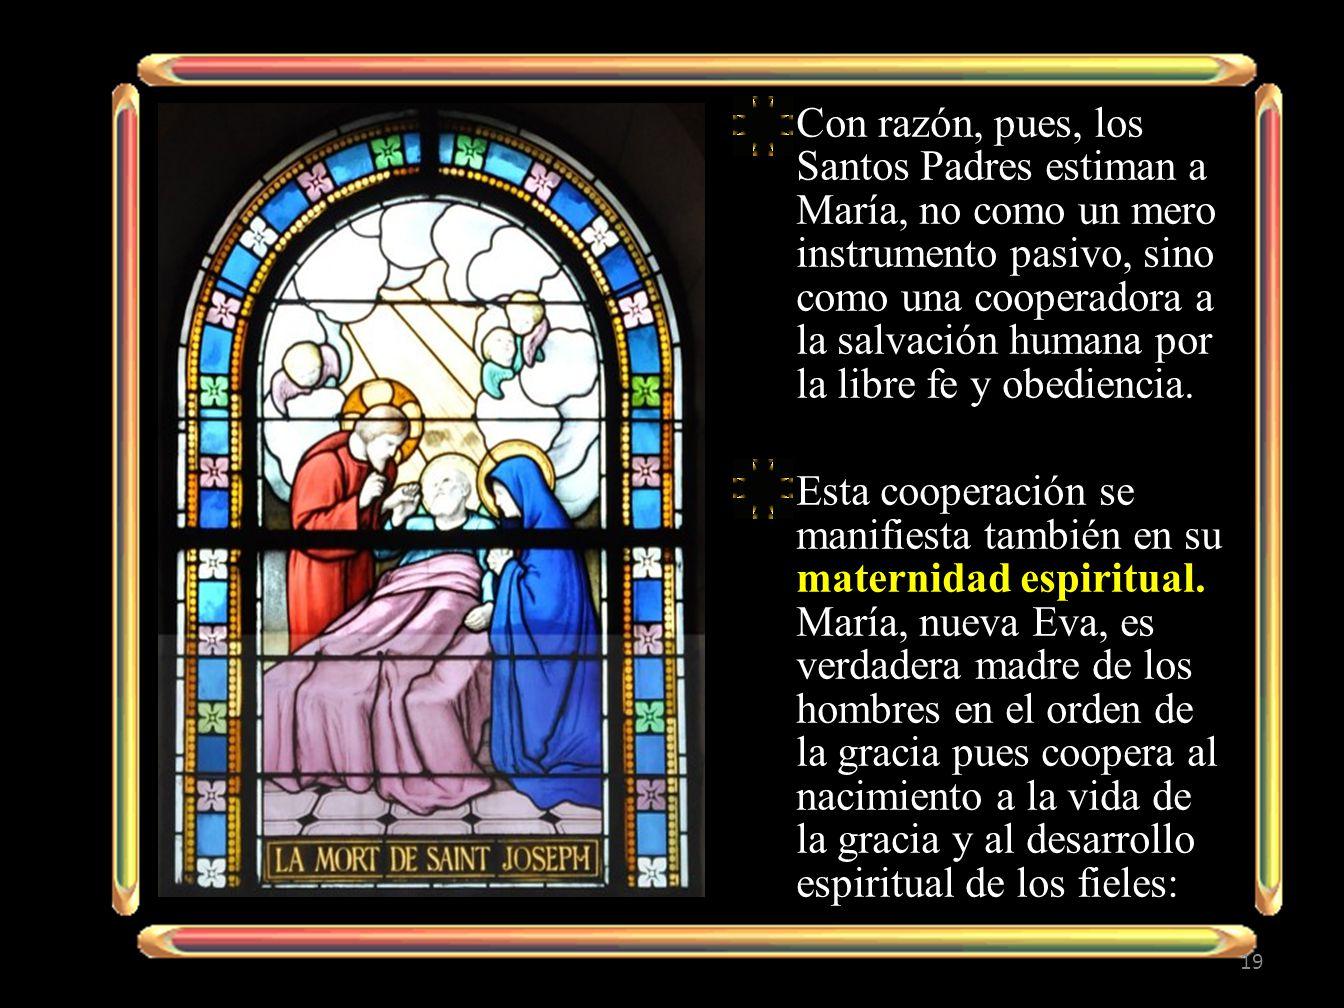 Con razón, pues, los Santos Padres estiman a María, no como un mero instrumento pasivo, sino como una cooperadora a la salvación humana por la libre fe y obediencia.